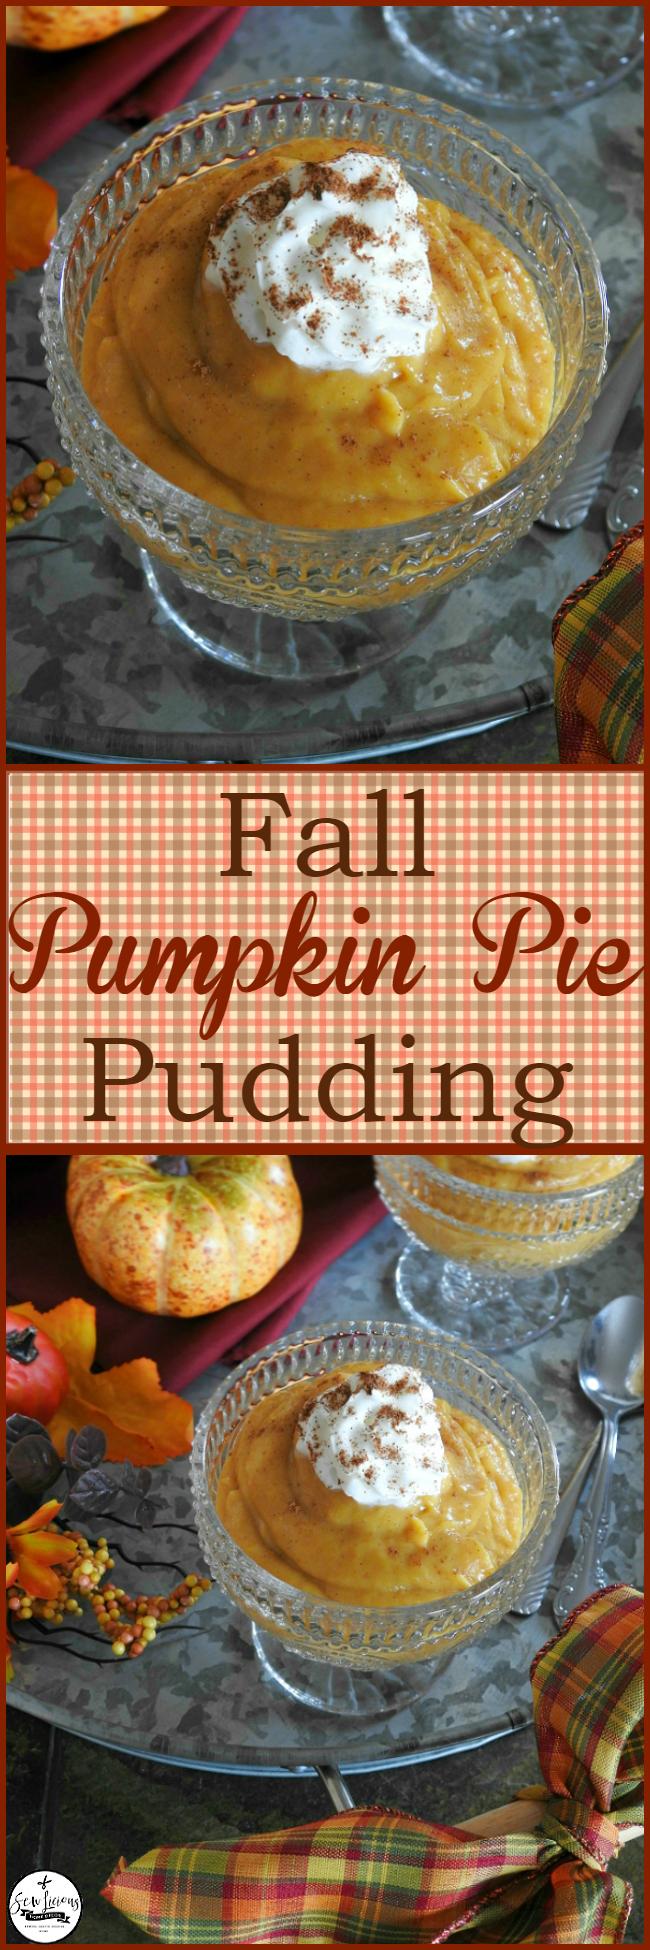 fall-pumpkin-pie-pudding-sewlicioushomedecor-com